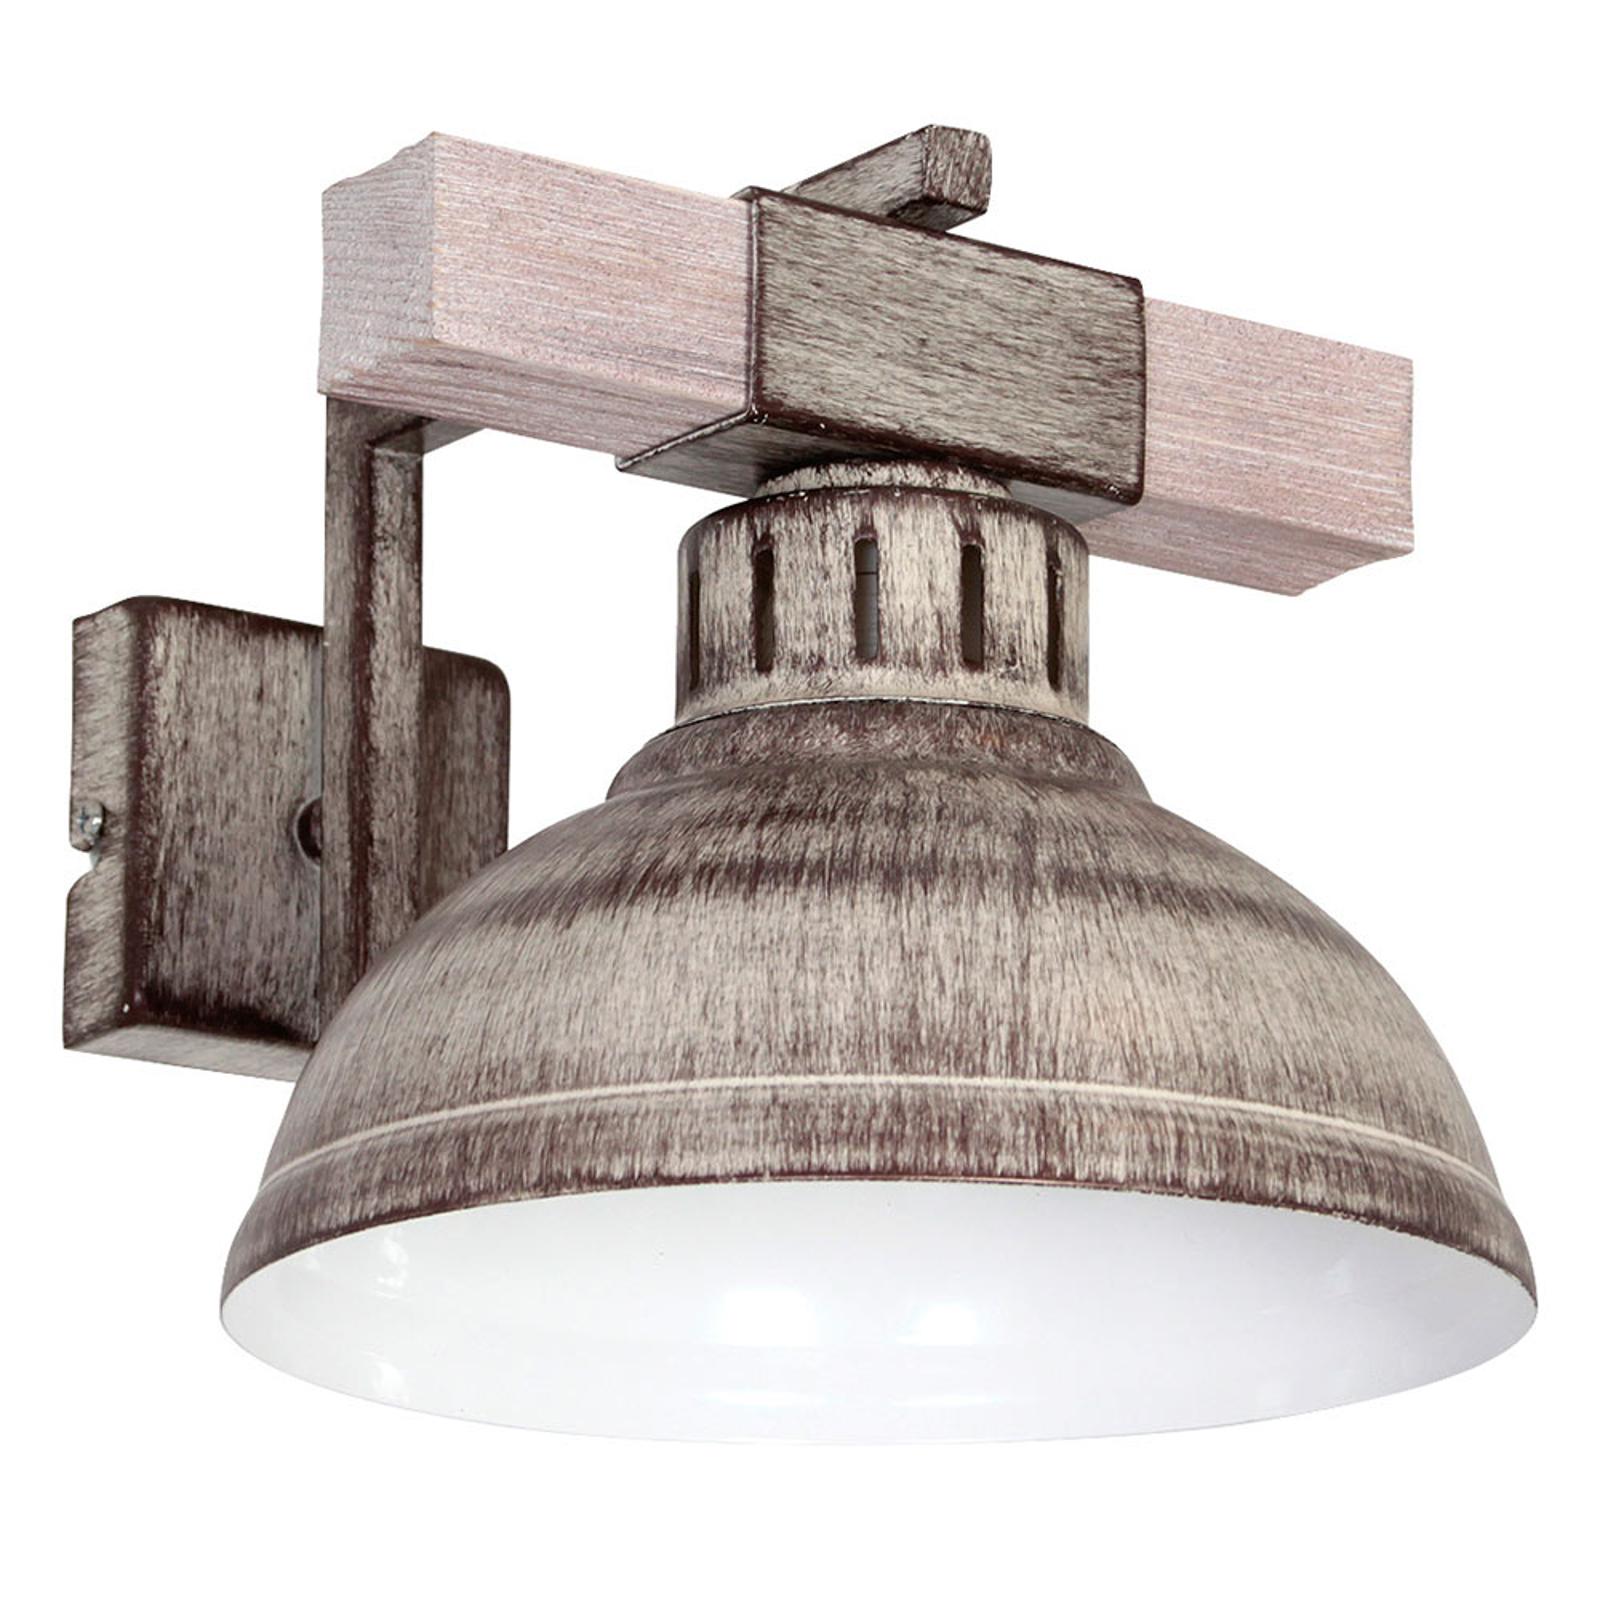 Lampa ścienna Hakon, żelazo/jasne drewno